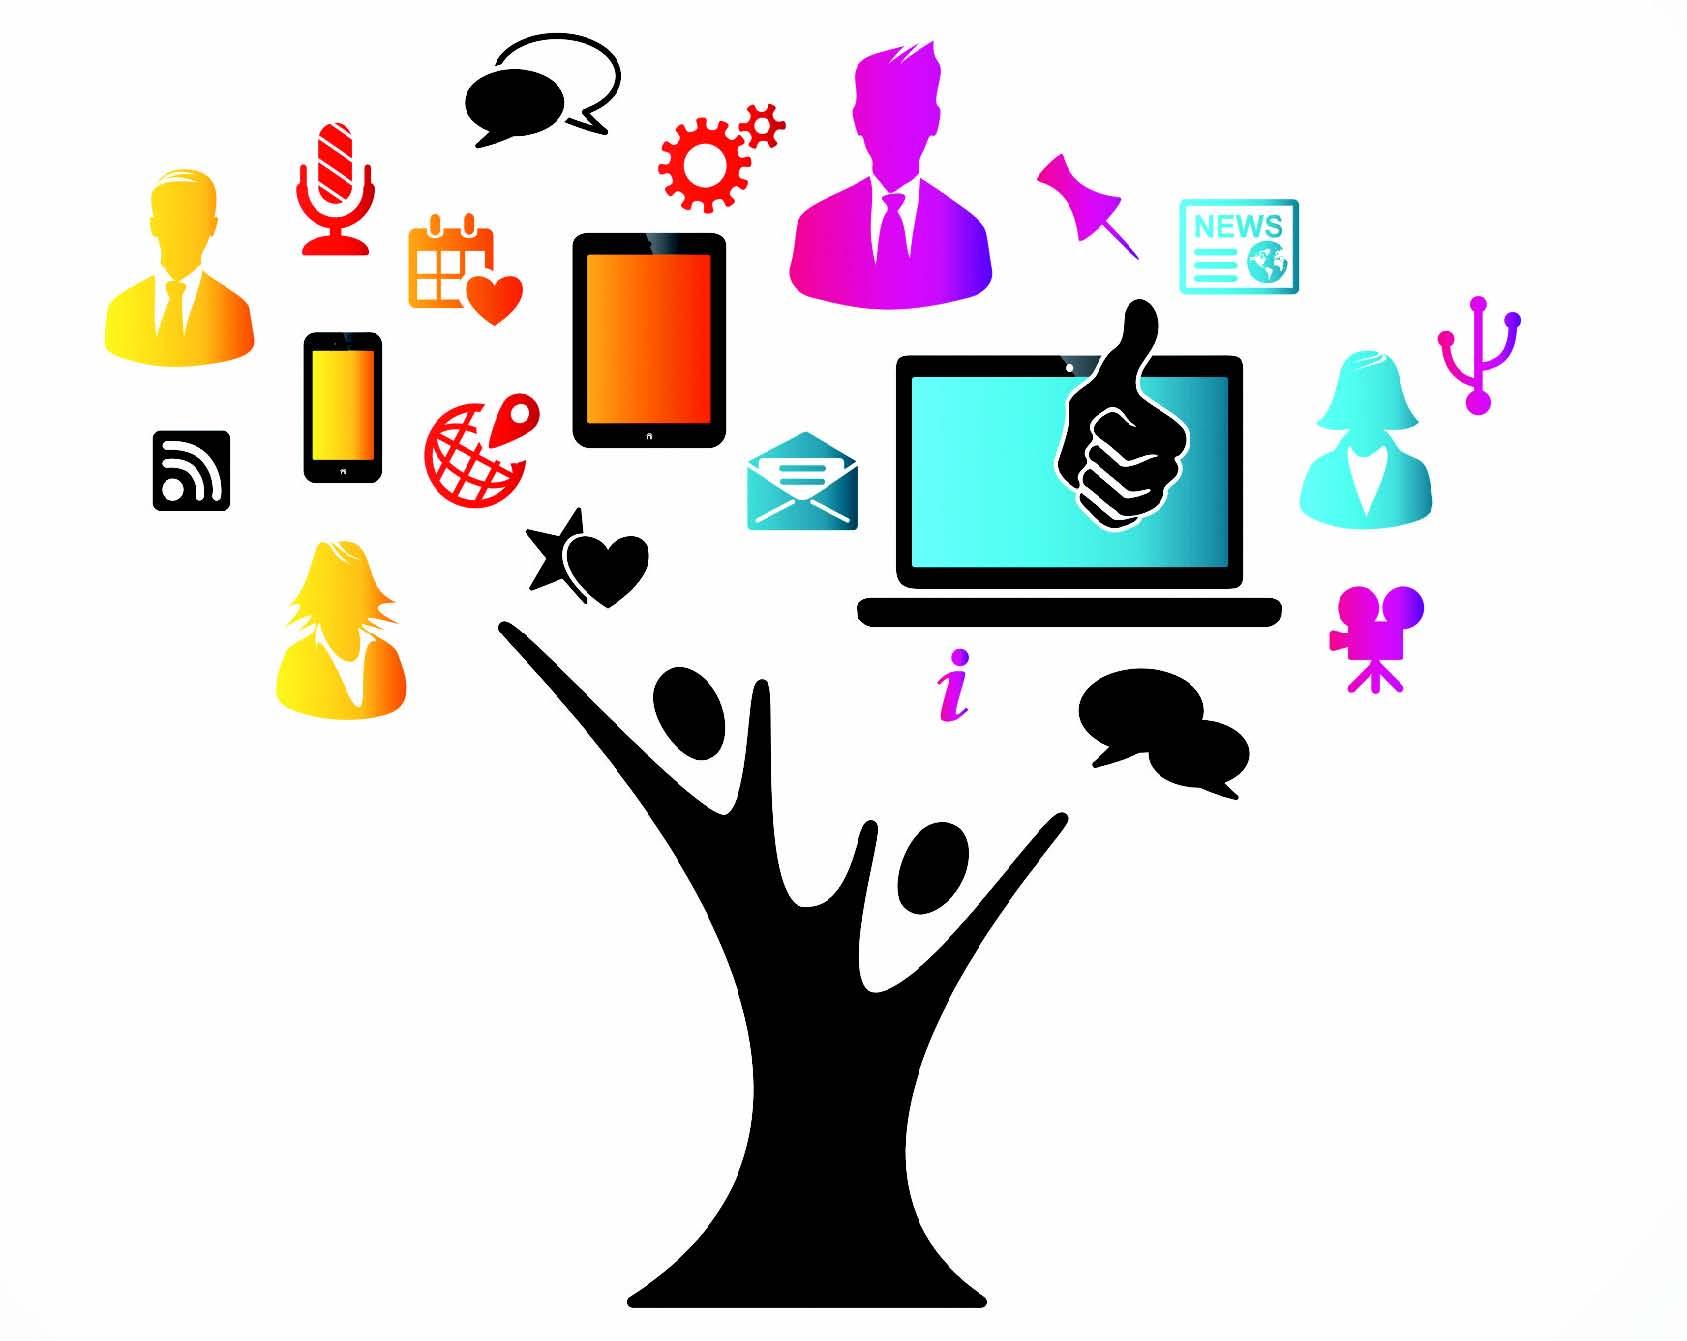 Réseaux sociaux : opportunité ou menace ?